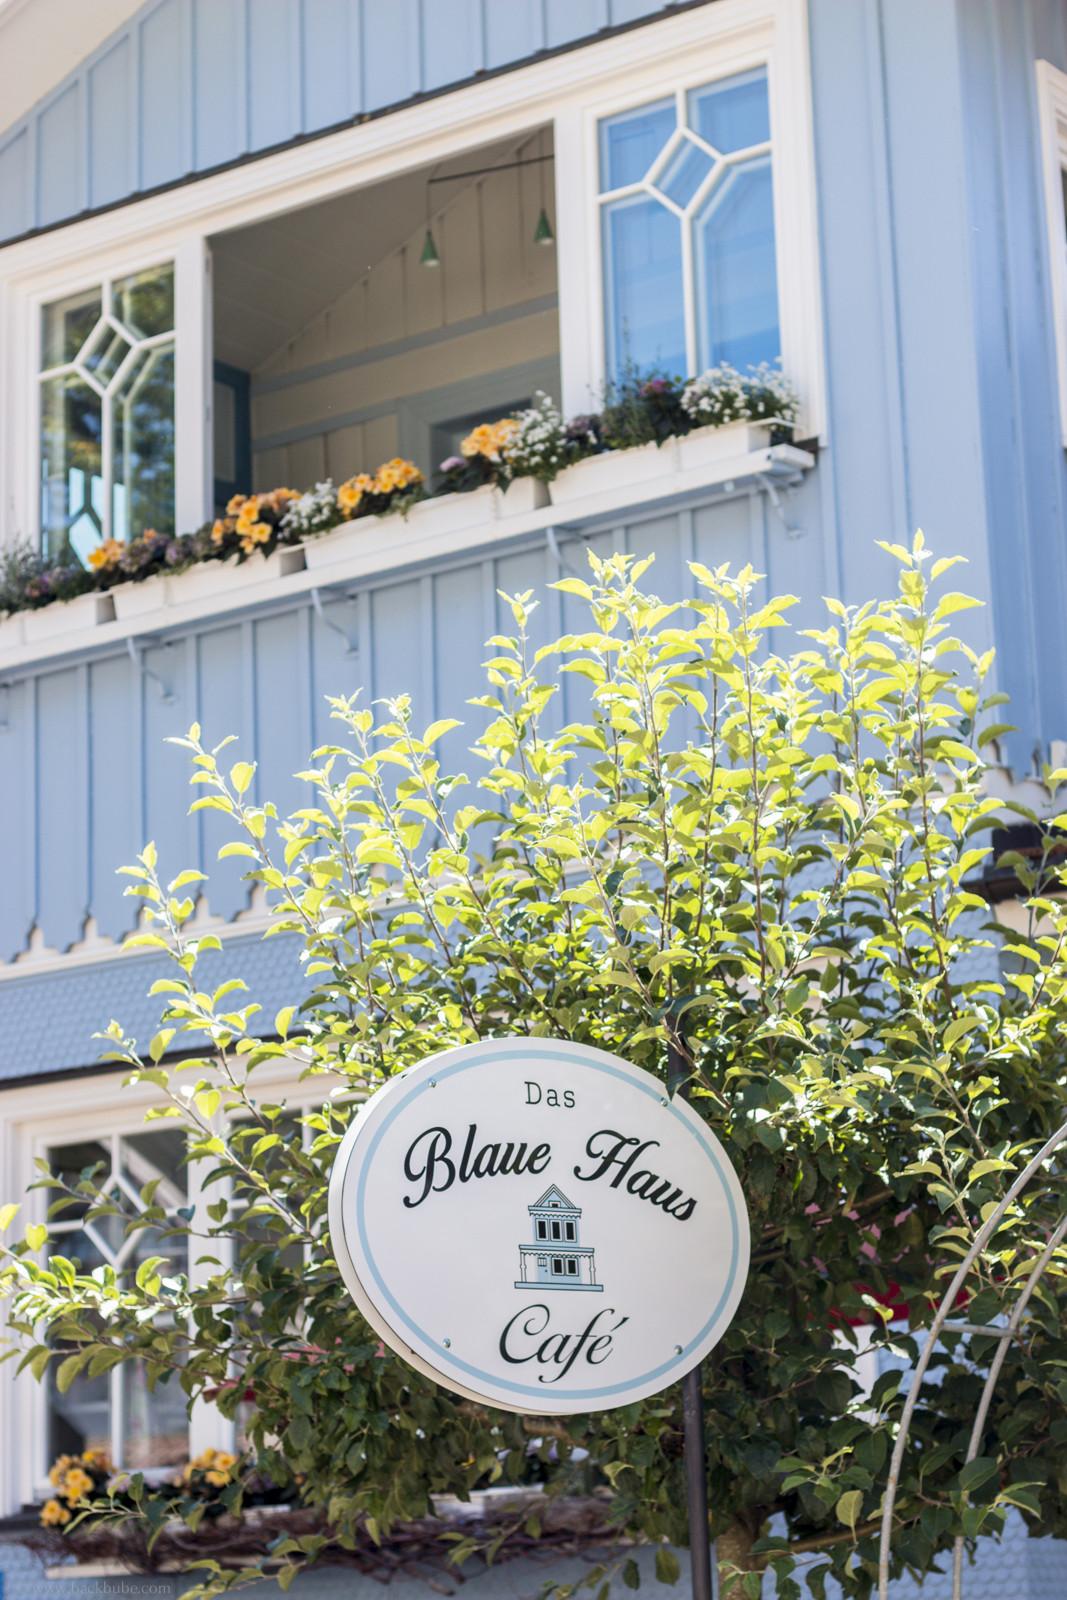 Das Blaue Haus  Das Blaue Haus in Oberstaufen & ein leckerer Blaubeer Pie